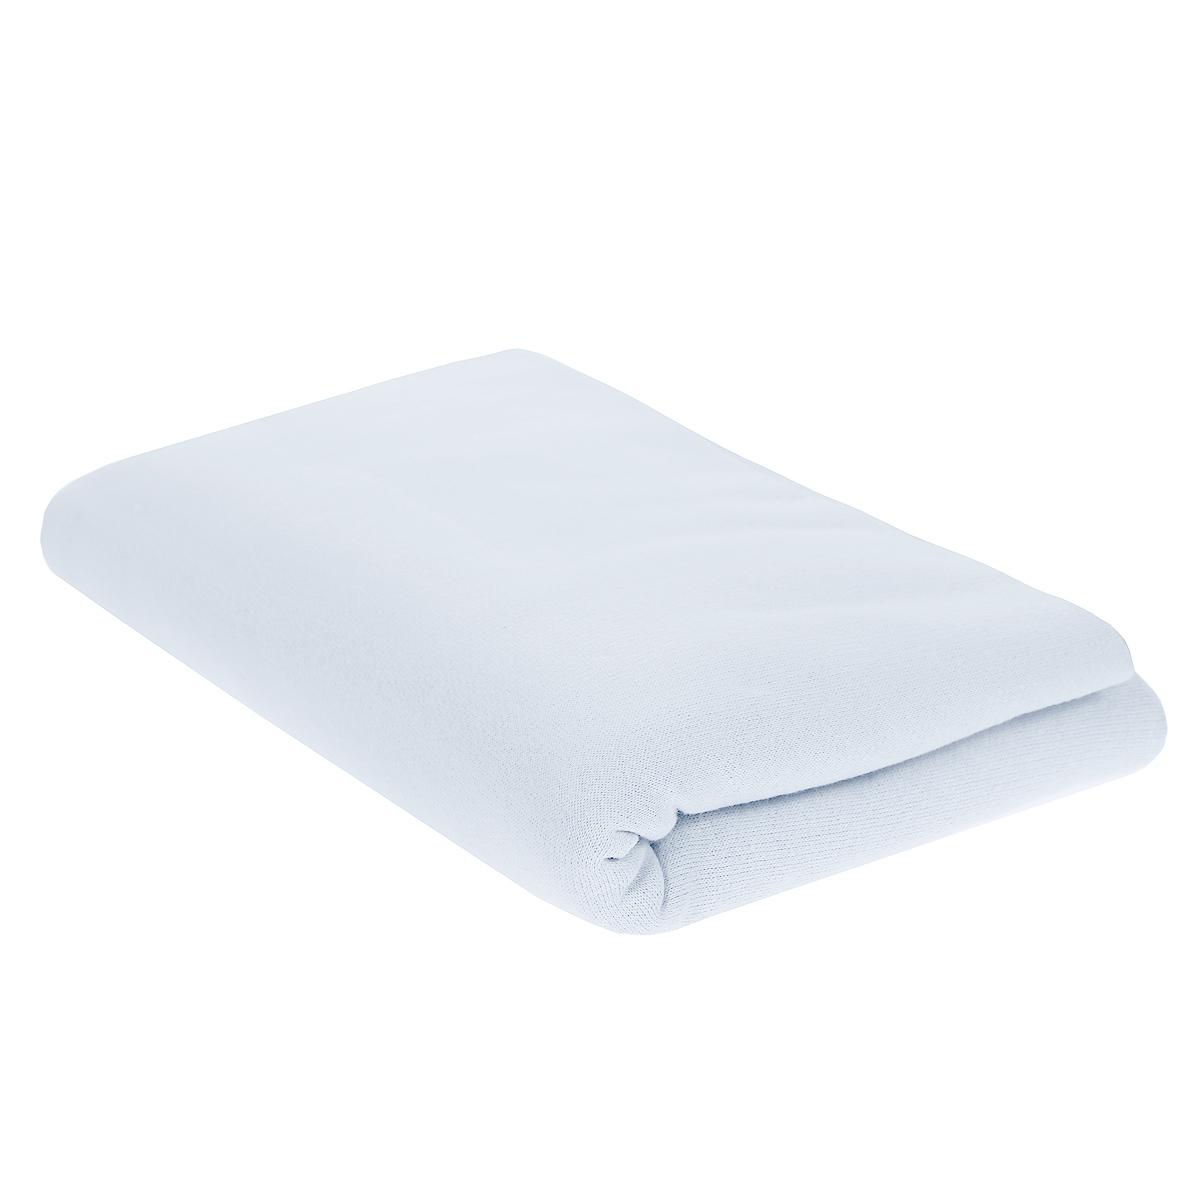 Пеленка детская Трон-Плюс, цвет: белый, 120 см х 90 см5411 бДетская пеленка Трон-Плюс подходит для пеленания ребенка с самого рождения. Она невероятно мягкая и нежная на ощупь. Пеленка выполнена из футера - хлопчатобумажной ткани с небольшим начесом с изнаночной стороны. Такая ткань прекрасно дышит, она гипоаллергенна, обладает повышенными теплоизоляционными свойствами и не теряет формы после стирки. Мягкая ткань укутывает малыша с необычайной нежностью. Пеленку также можно использовать как легкое одеяло в теплую погоду, простынку, полотенце после купания, накидку для кормления грудью или как согревающий компресс при коликах. Ее размер подходит для пеленания даже крупного малыша. Характеристики: Размер пеленки: 120 см x 90 см.